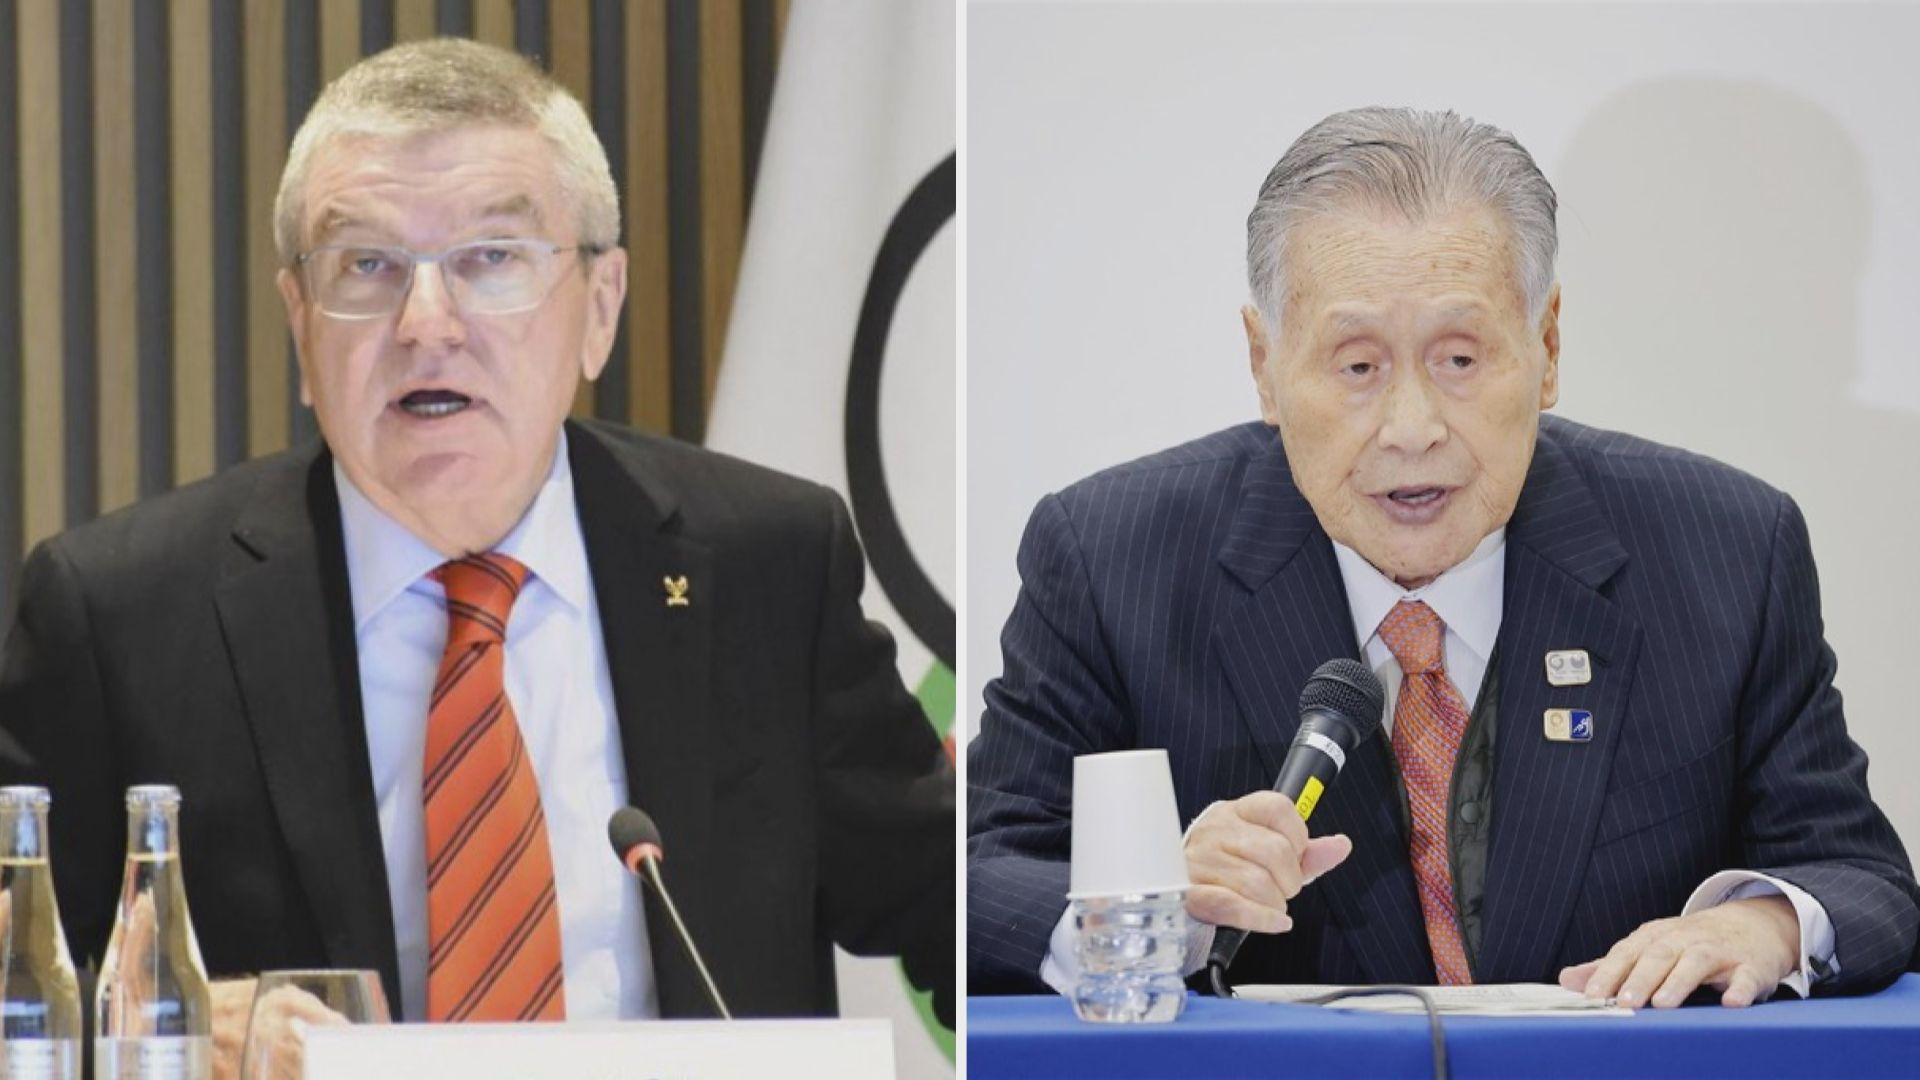 森喜朗向國際奧委會確認 繼續合作舉辦東京奧運